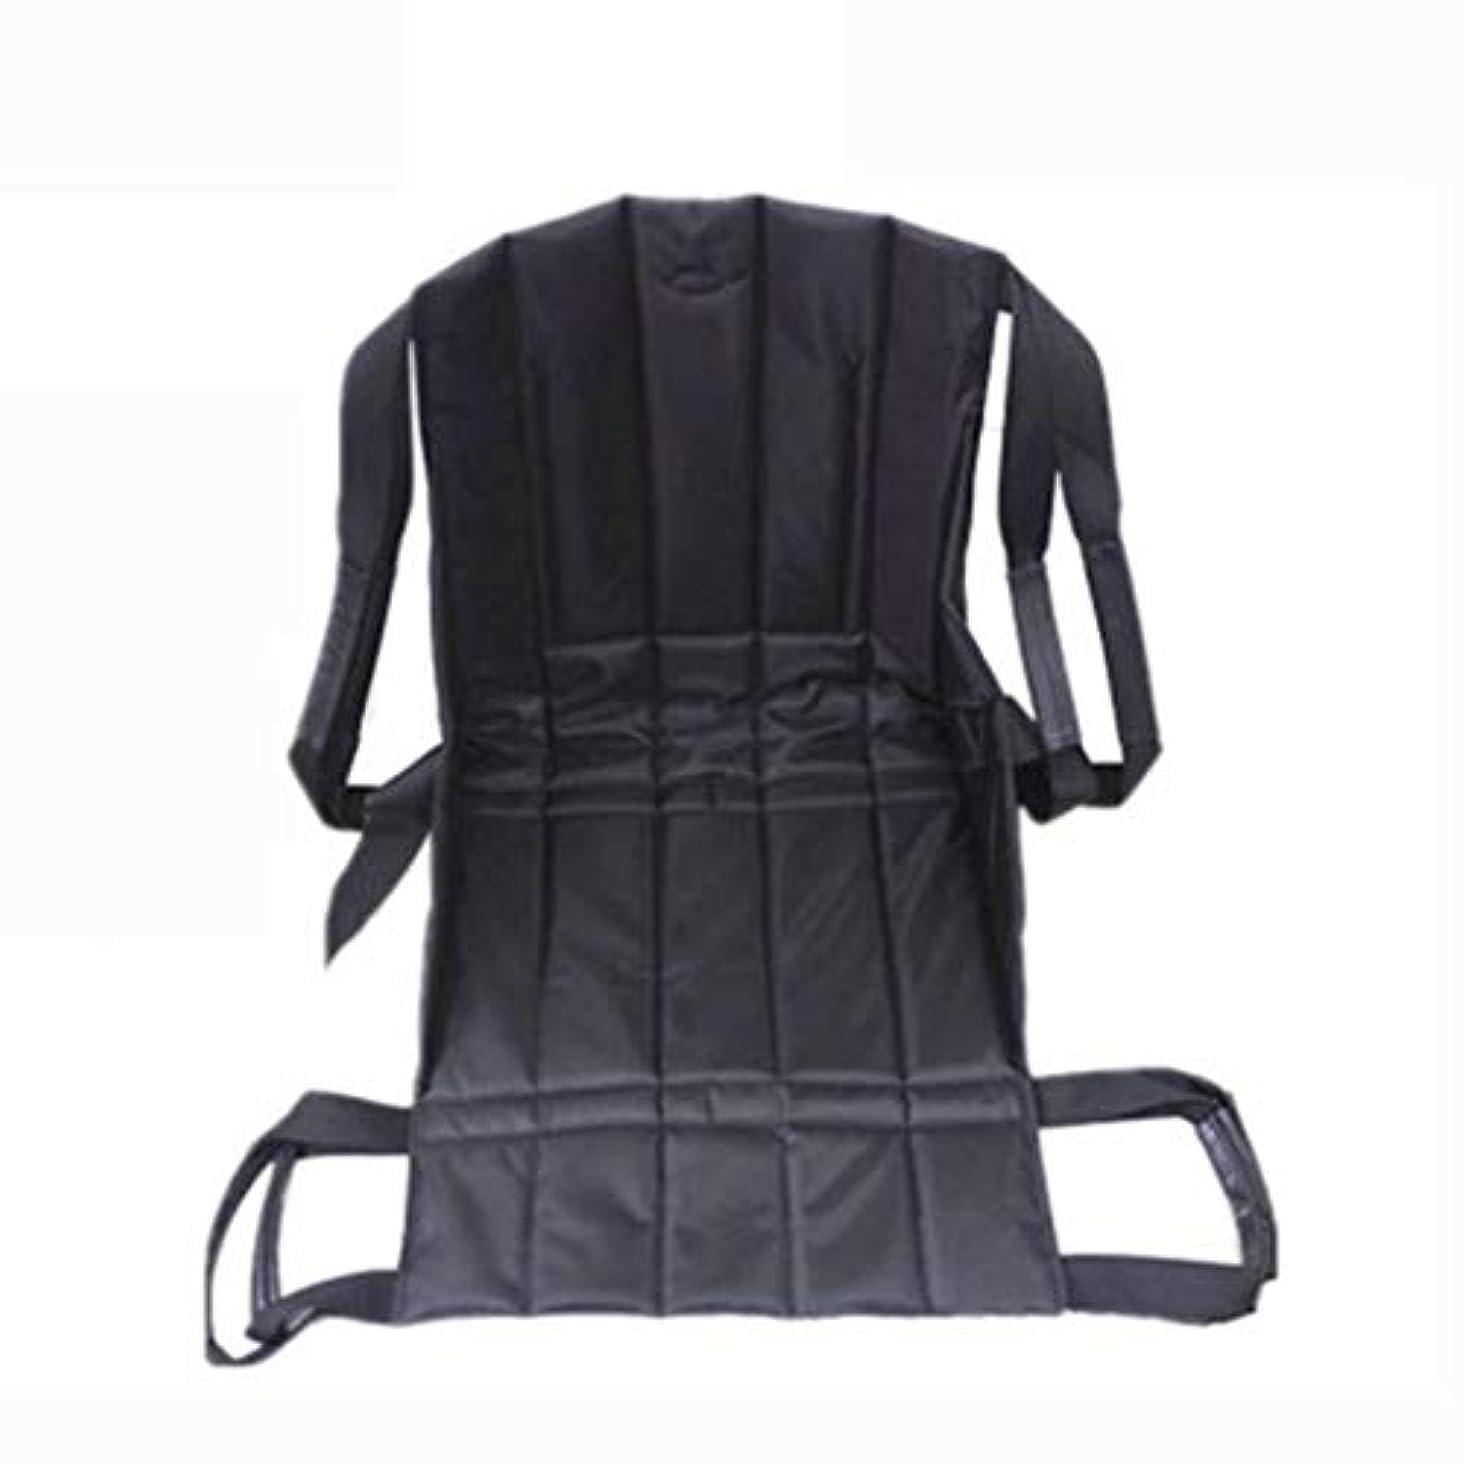 日または望み患者リフト階段スライドボード移動緊急避難用椅子車椅子シートベルト安全全身医療用リフティングスリングスライディング移動ディスク使用高齢者用